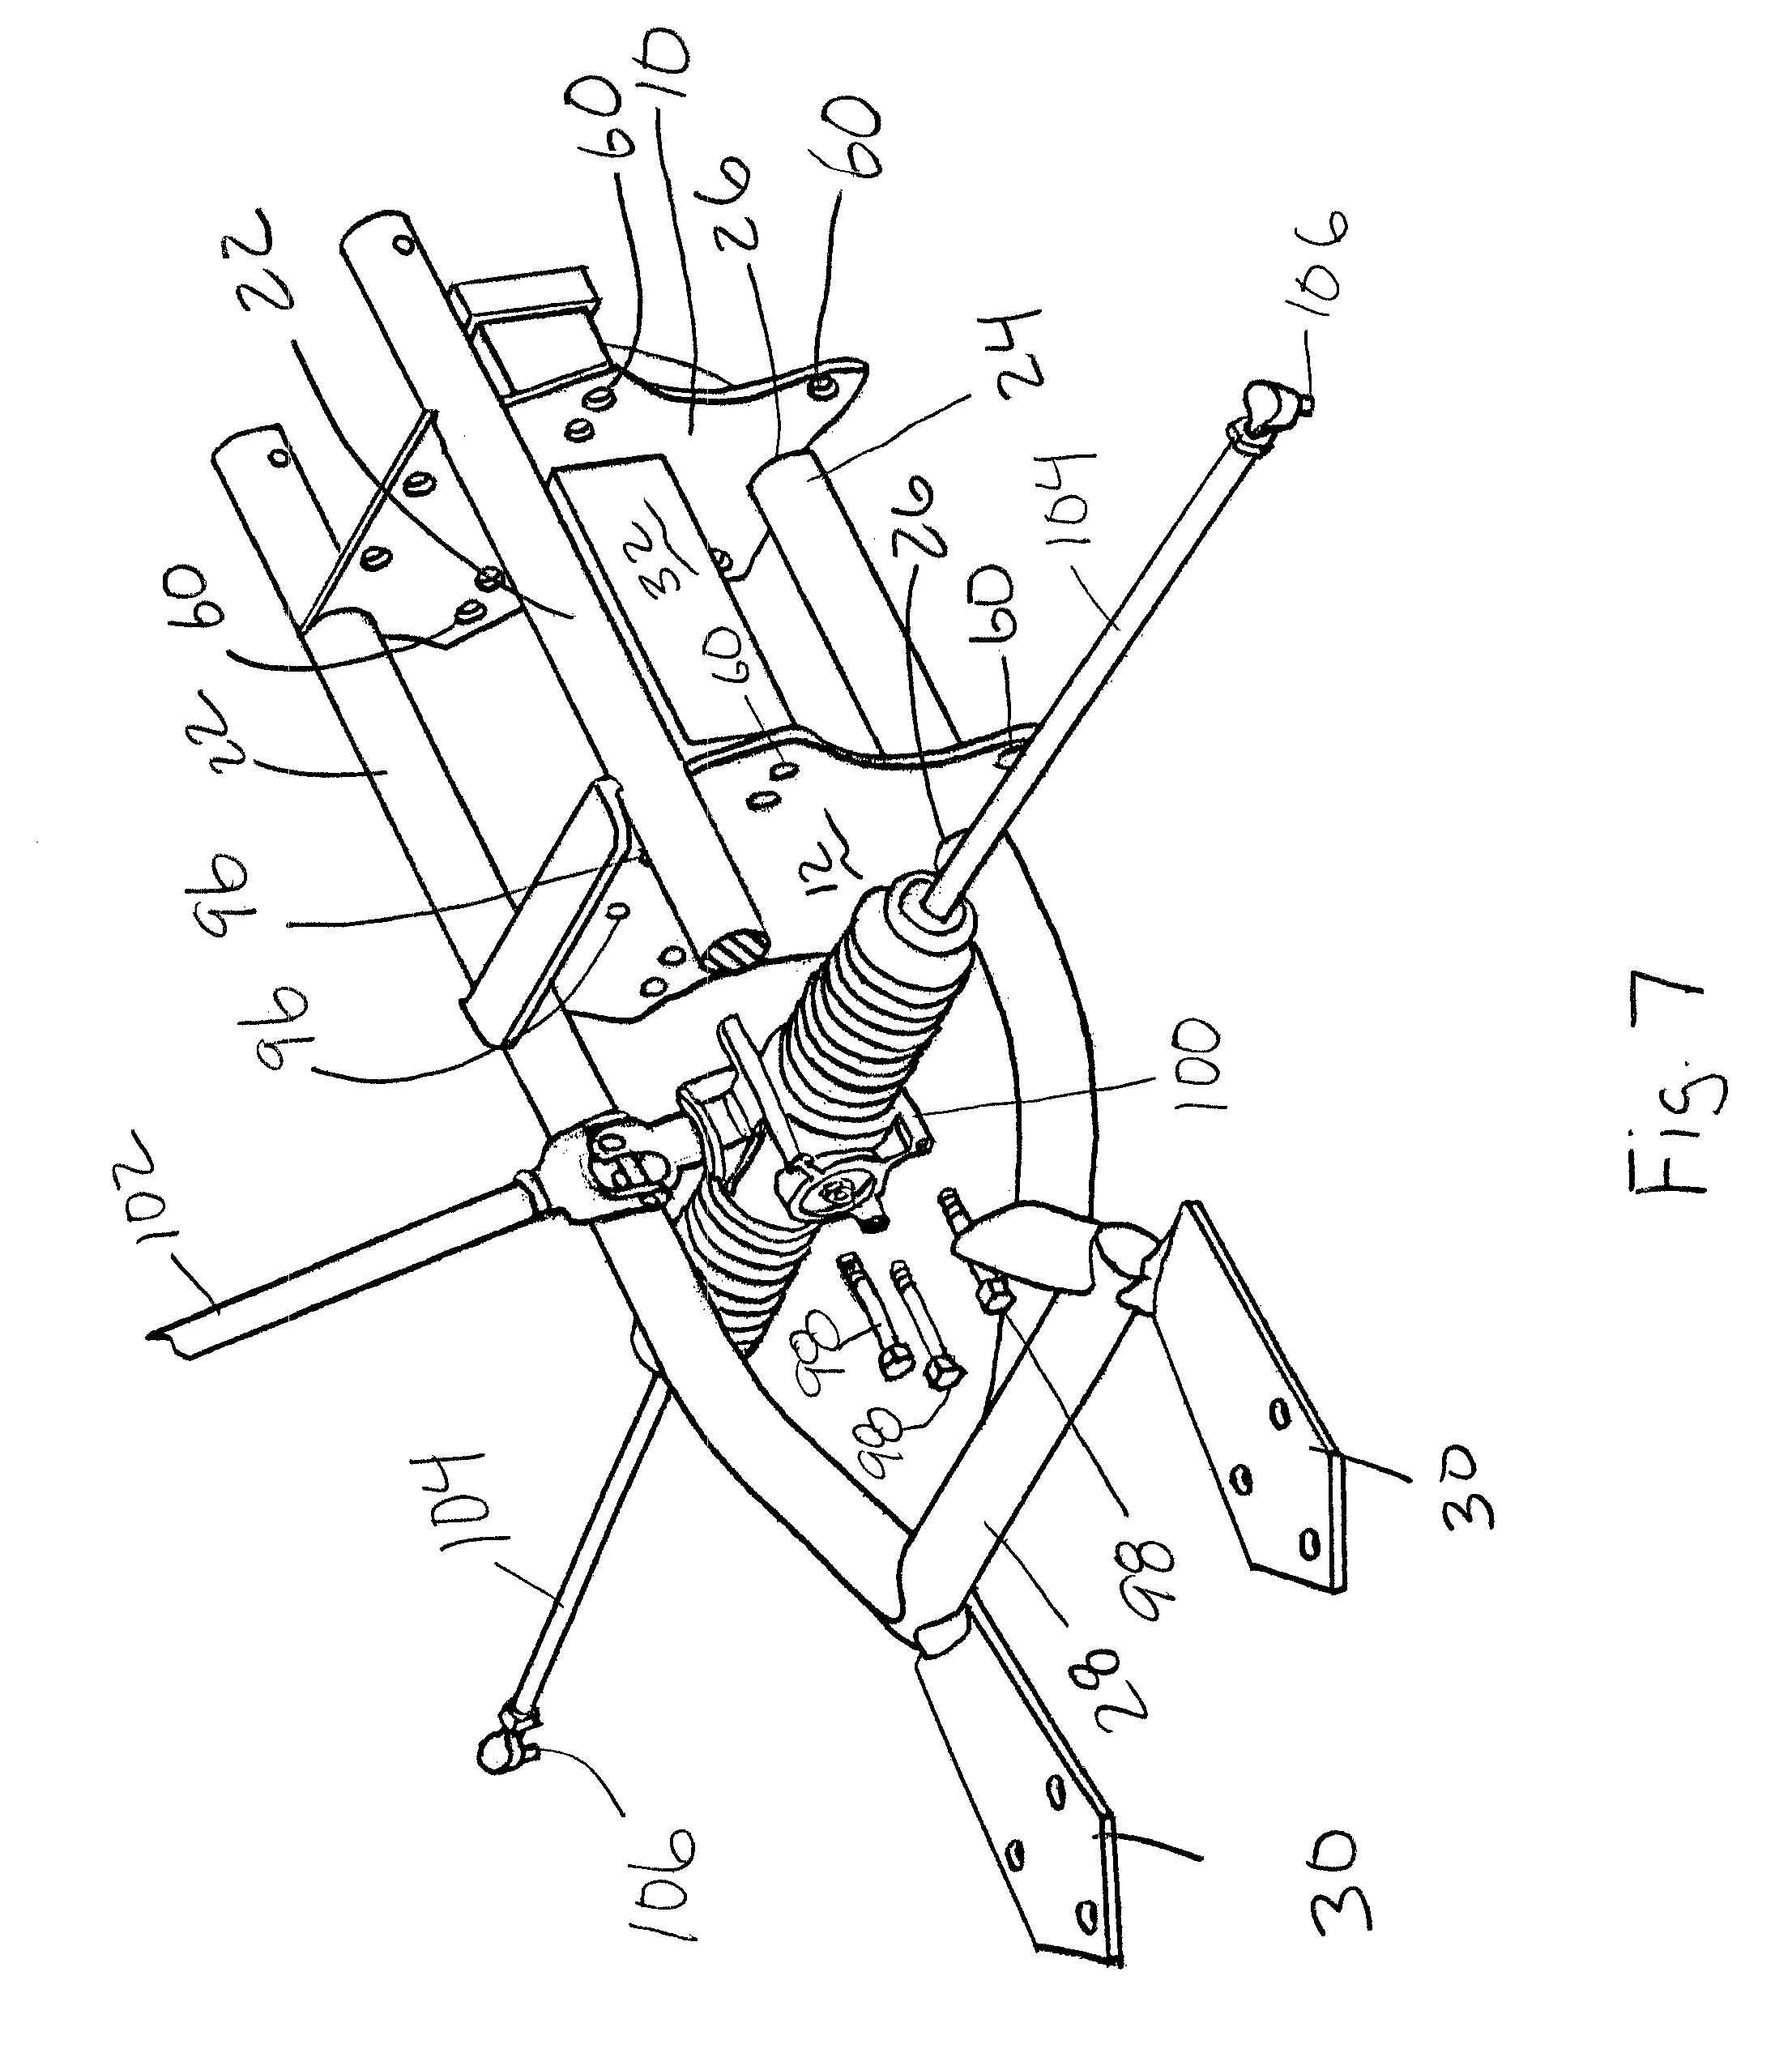 01 Club Car Wiring Diagram